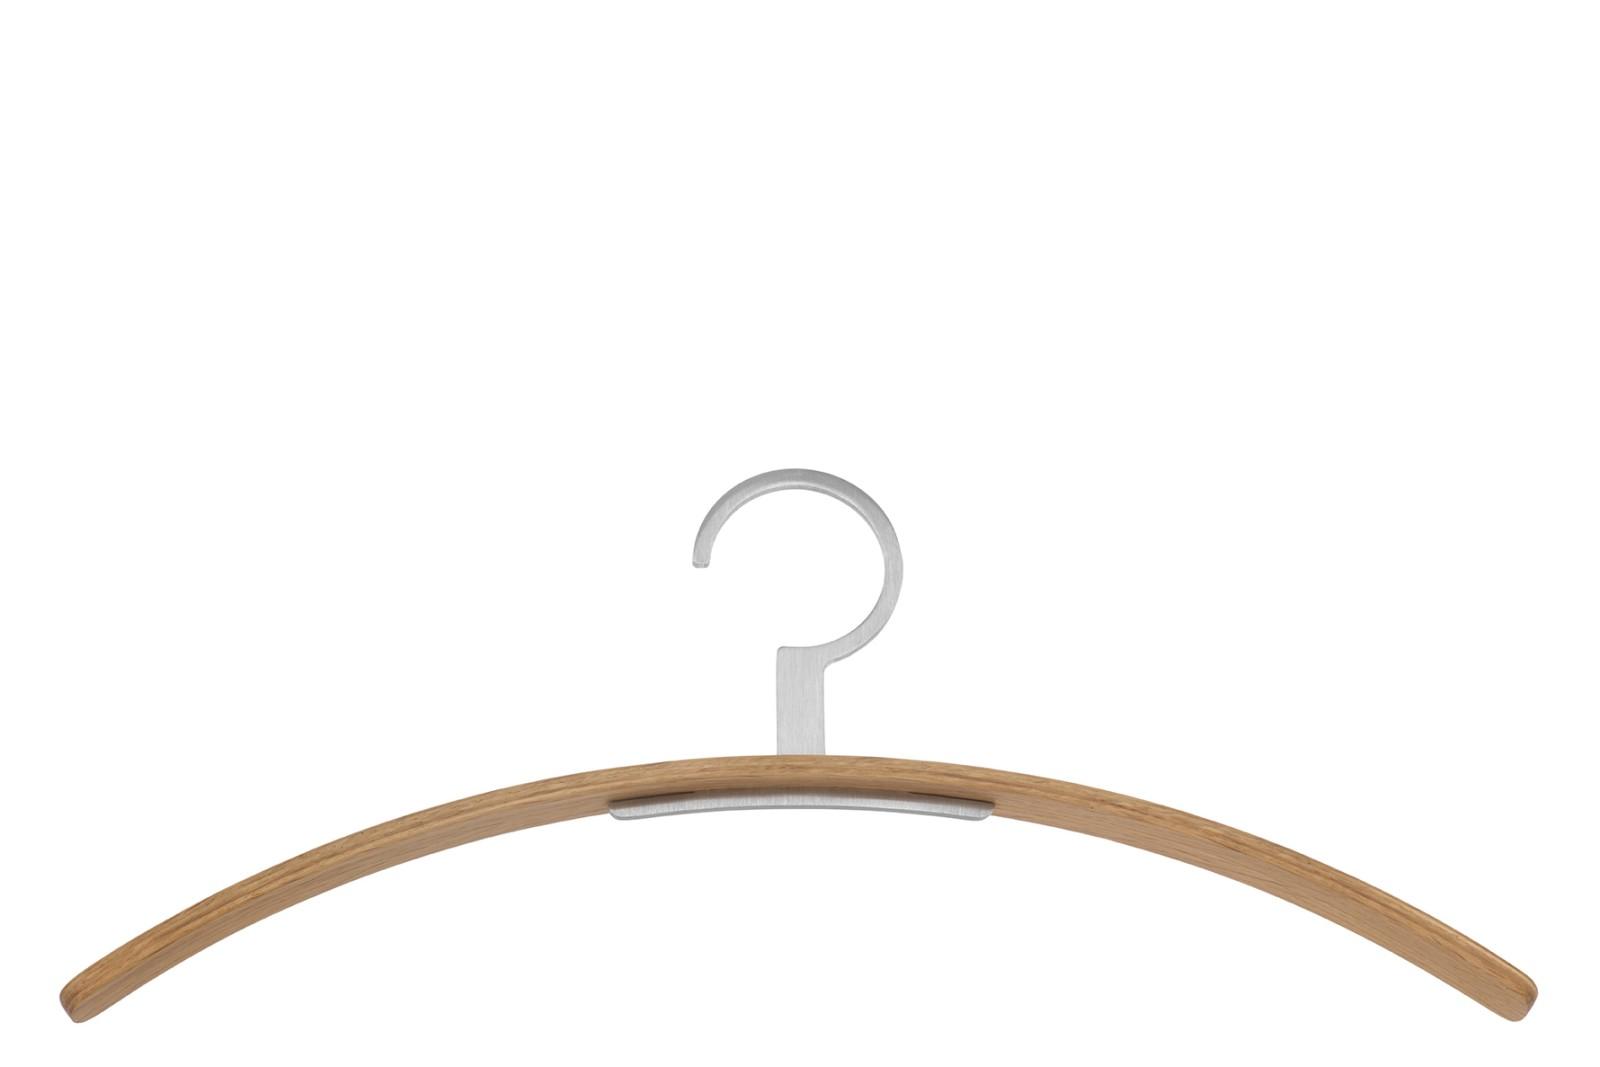 0130 Coat Hanger - Set of 4 49 Cacao, 90 Polished Chrome